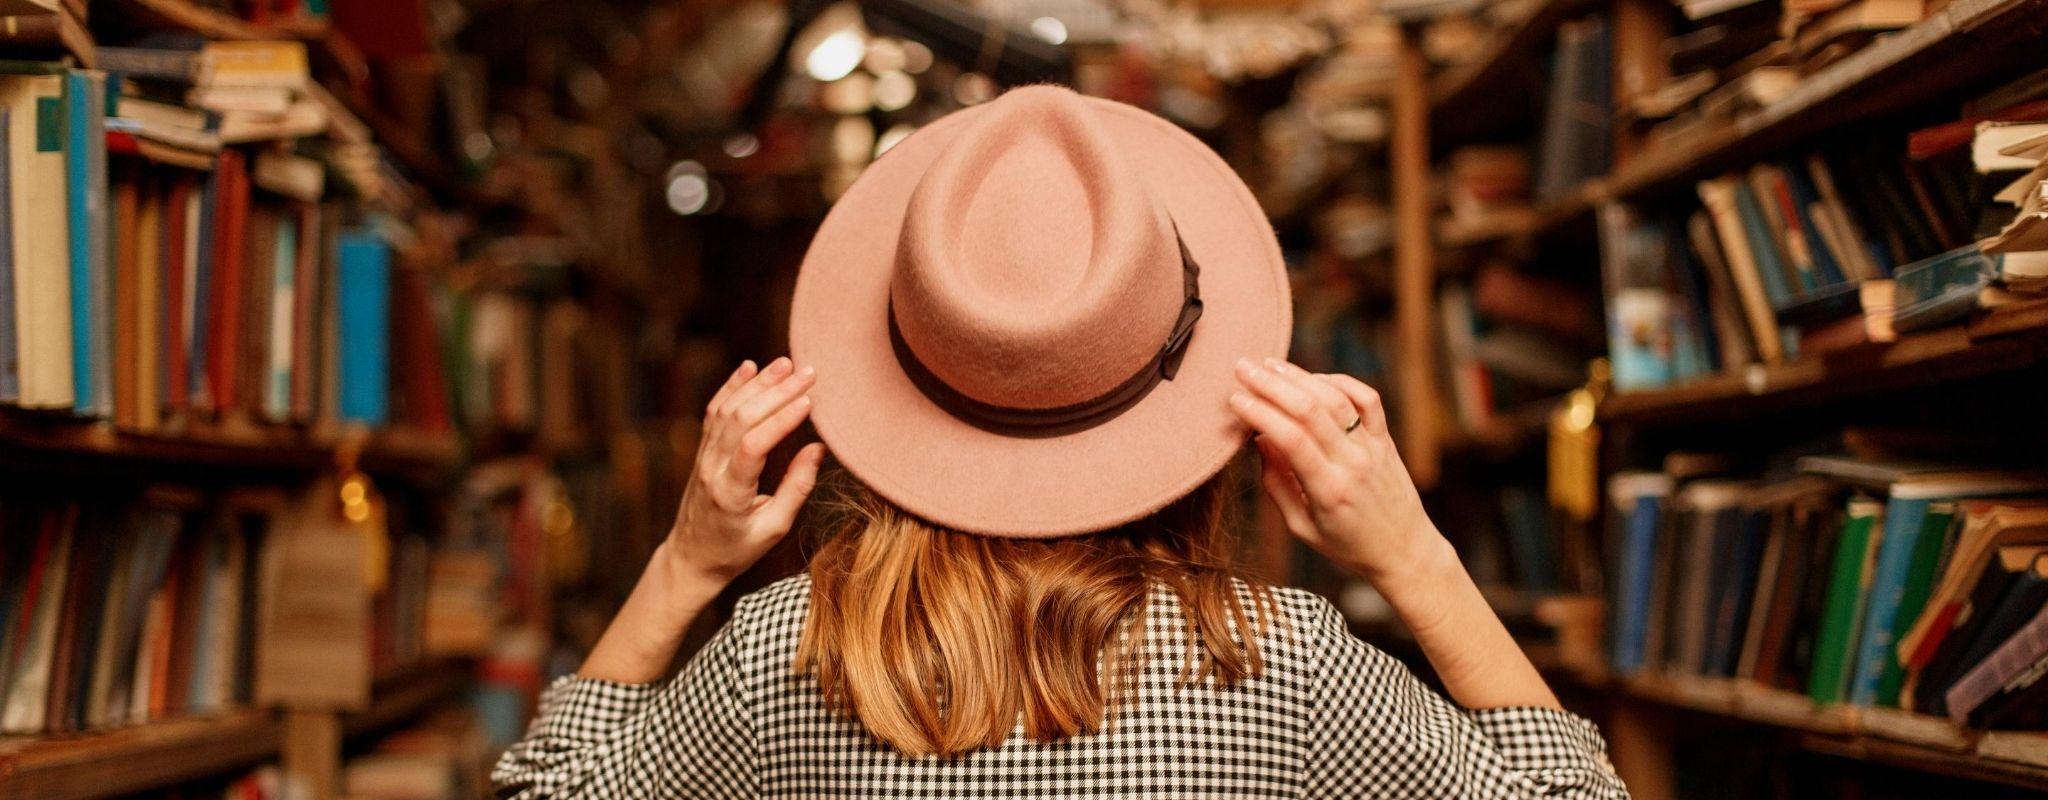 laura o'mahony instagram insiders course for female entrepreneurs